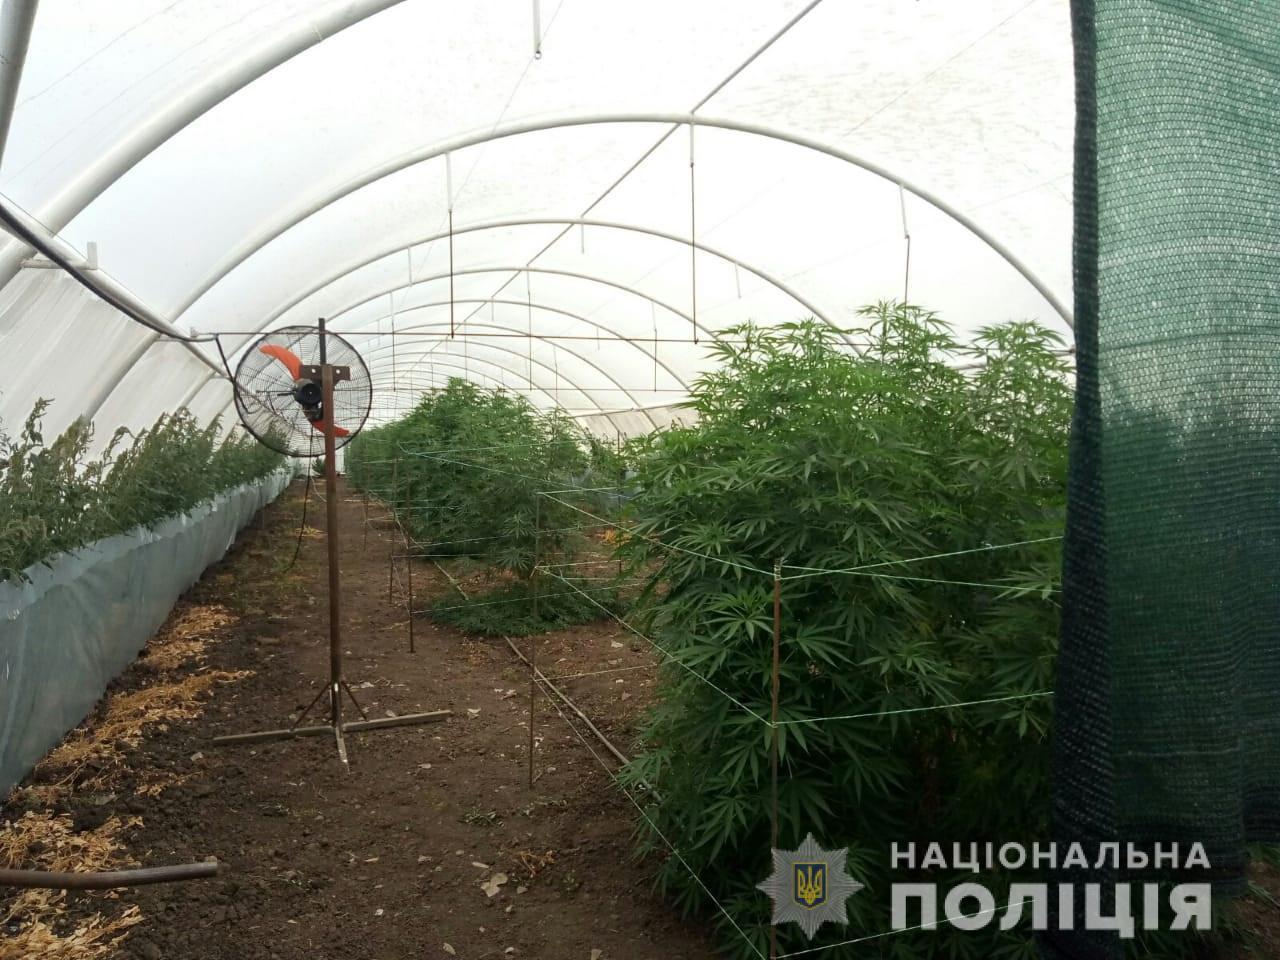 Полиция с высоты птичьего полёта обнаружила наркоплантации в Запорожской области (ФОТО)